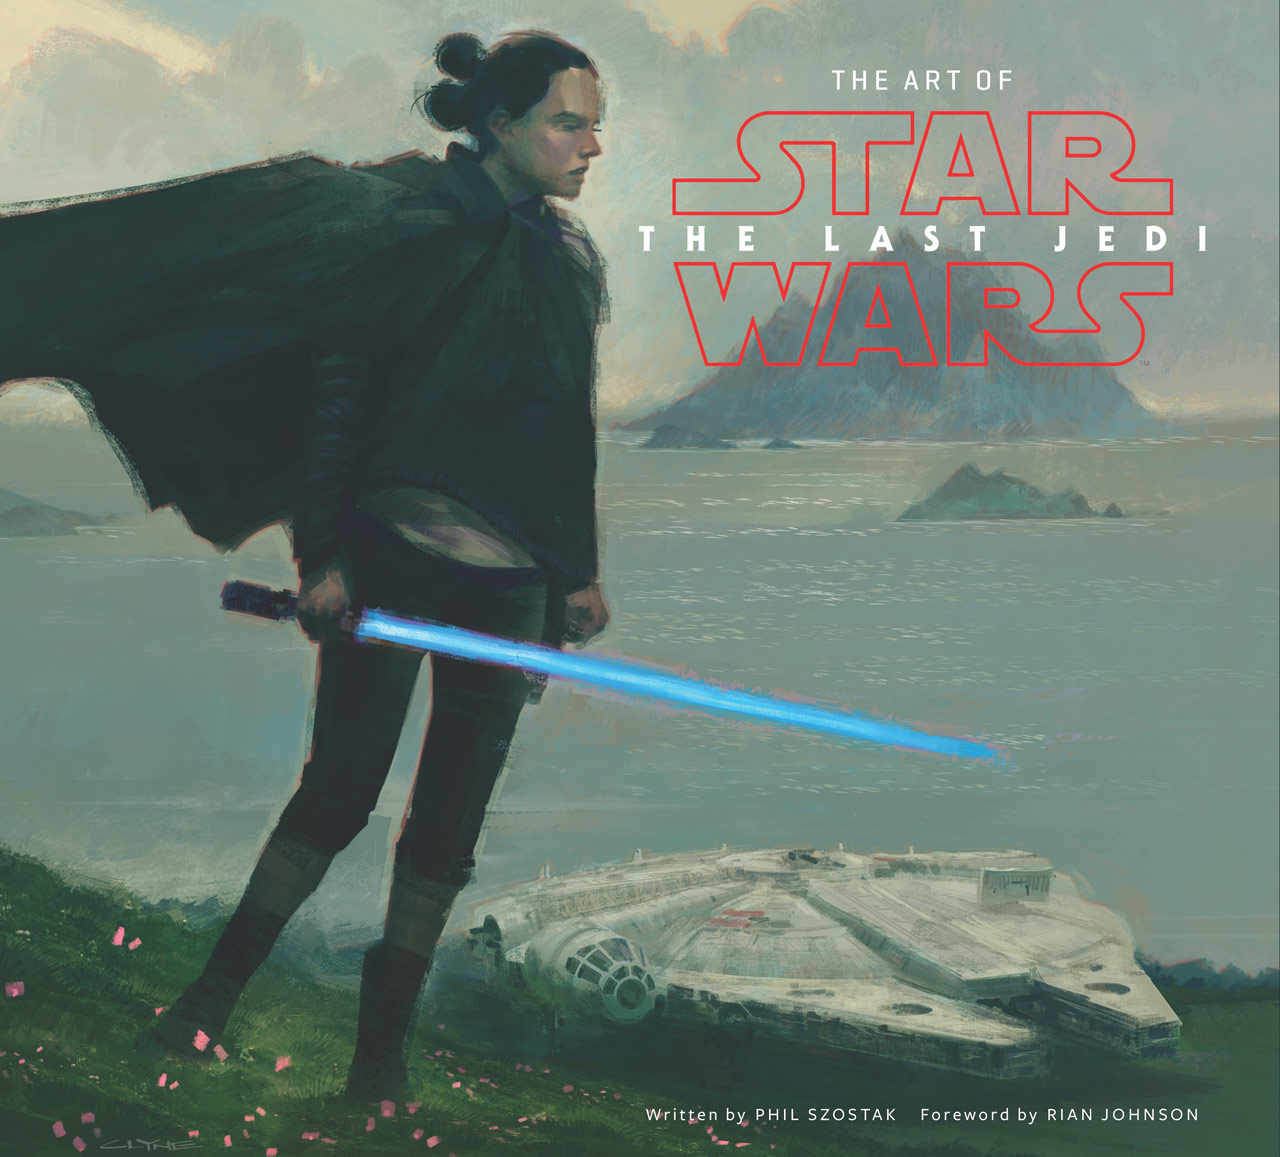 The Art Of Star Wars The Last Jedi Wookieepedia Fandom